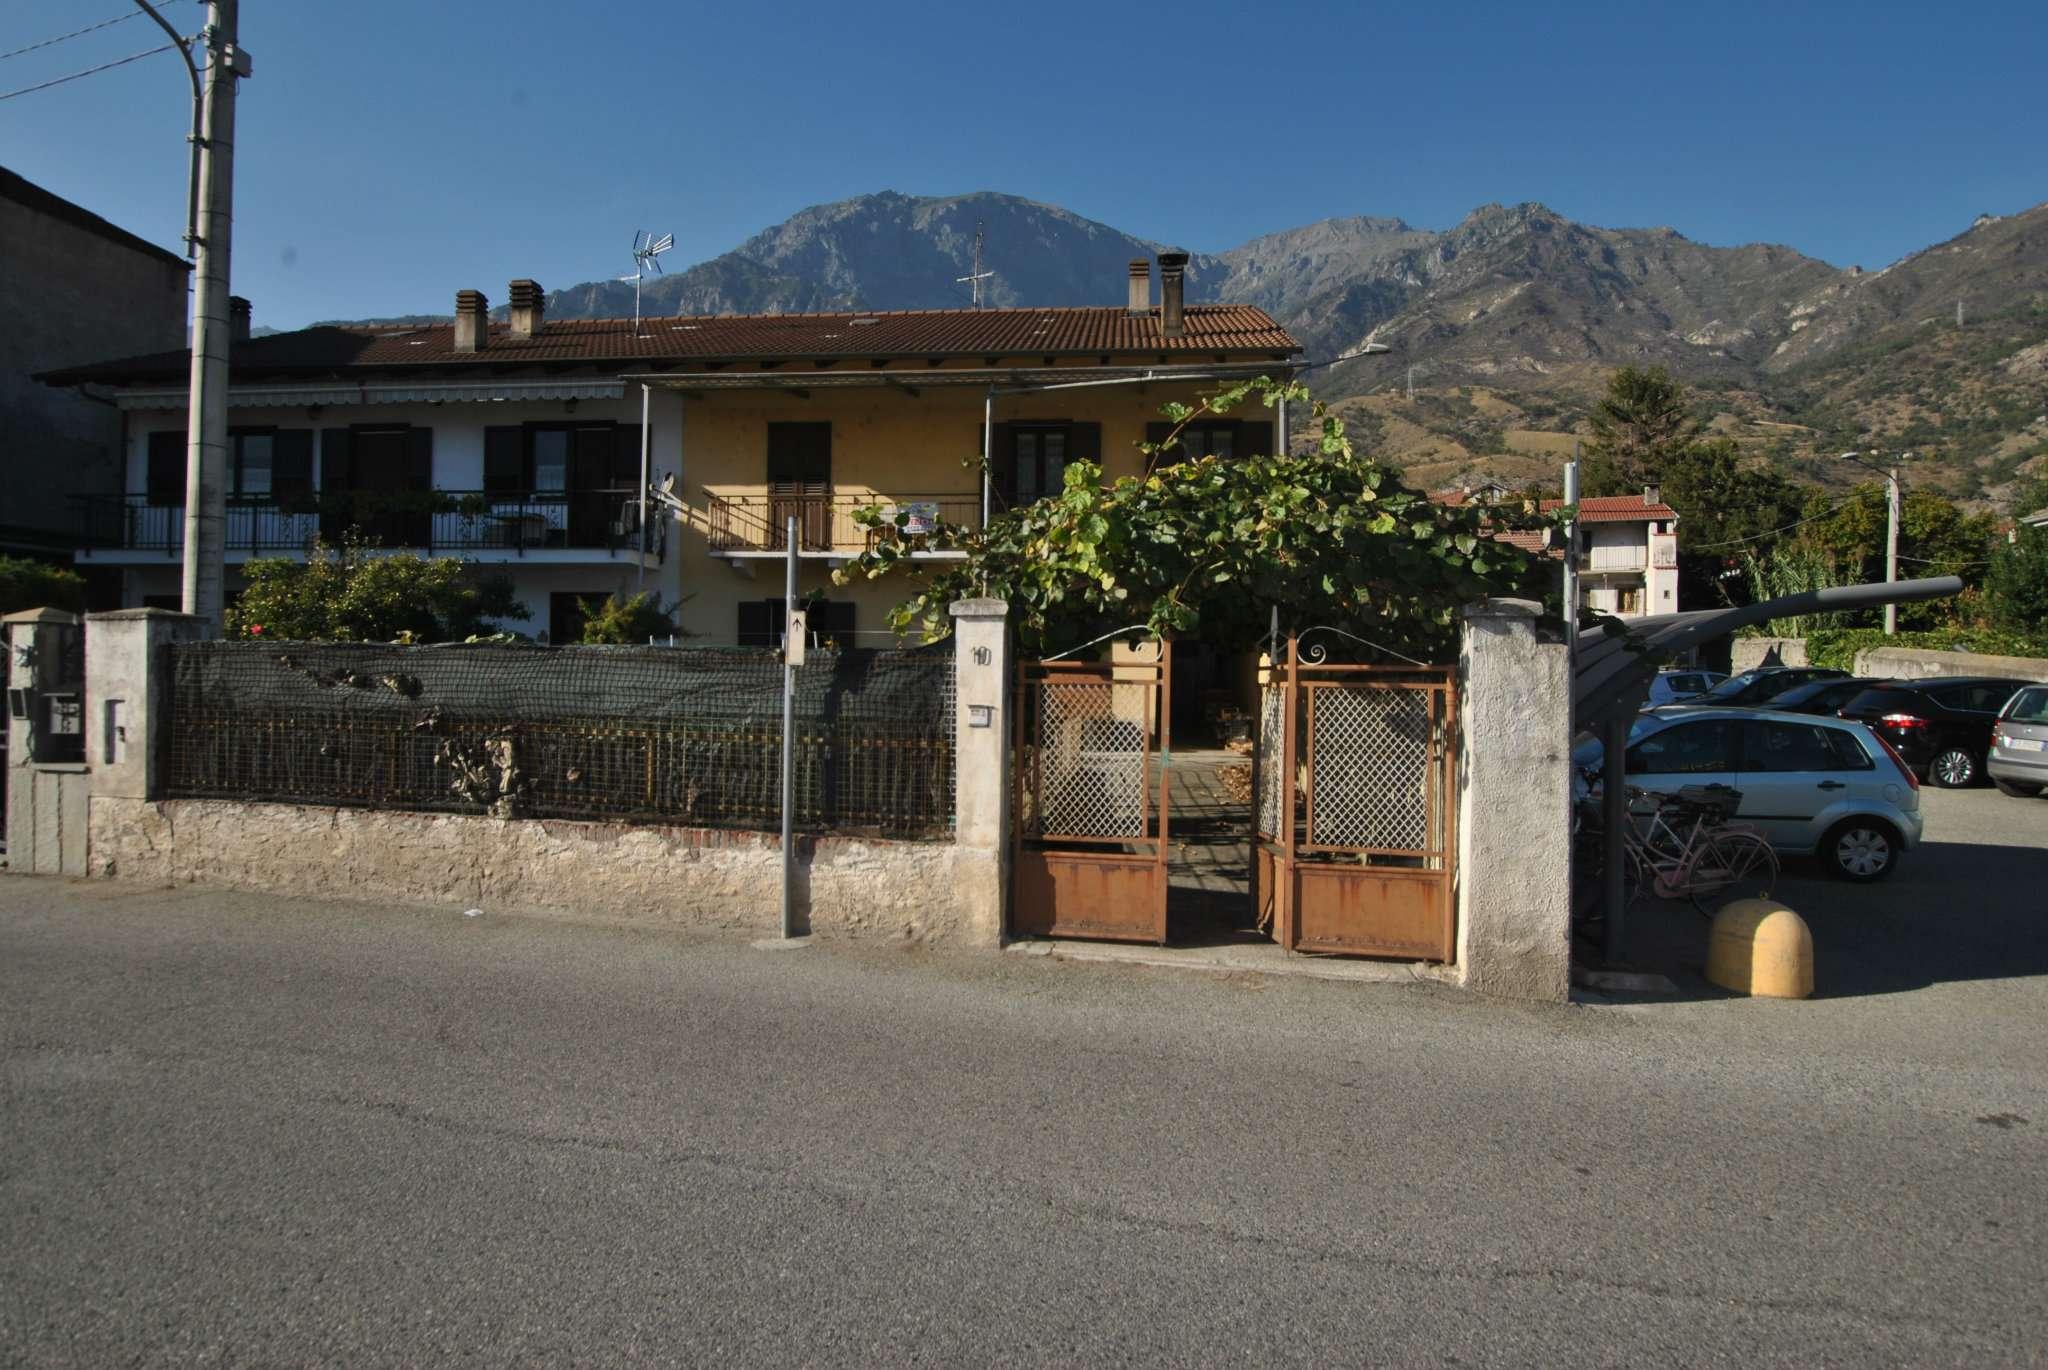 Appartamento in vendita a Bussoleno, 4 locali, prezzo € 93.000 | CambioCasa.it